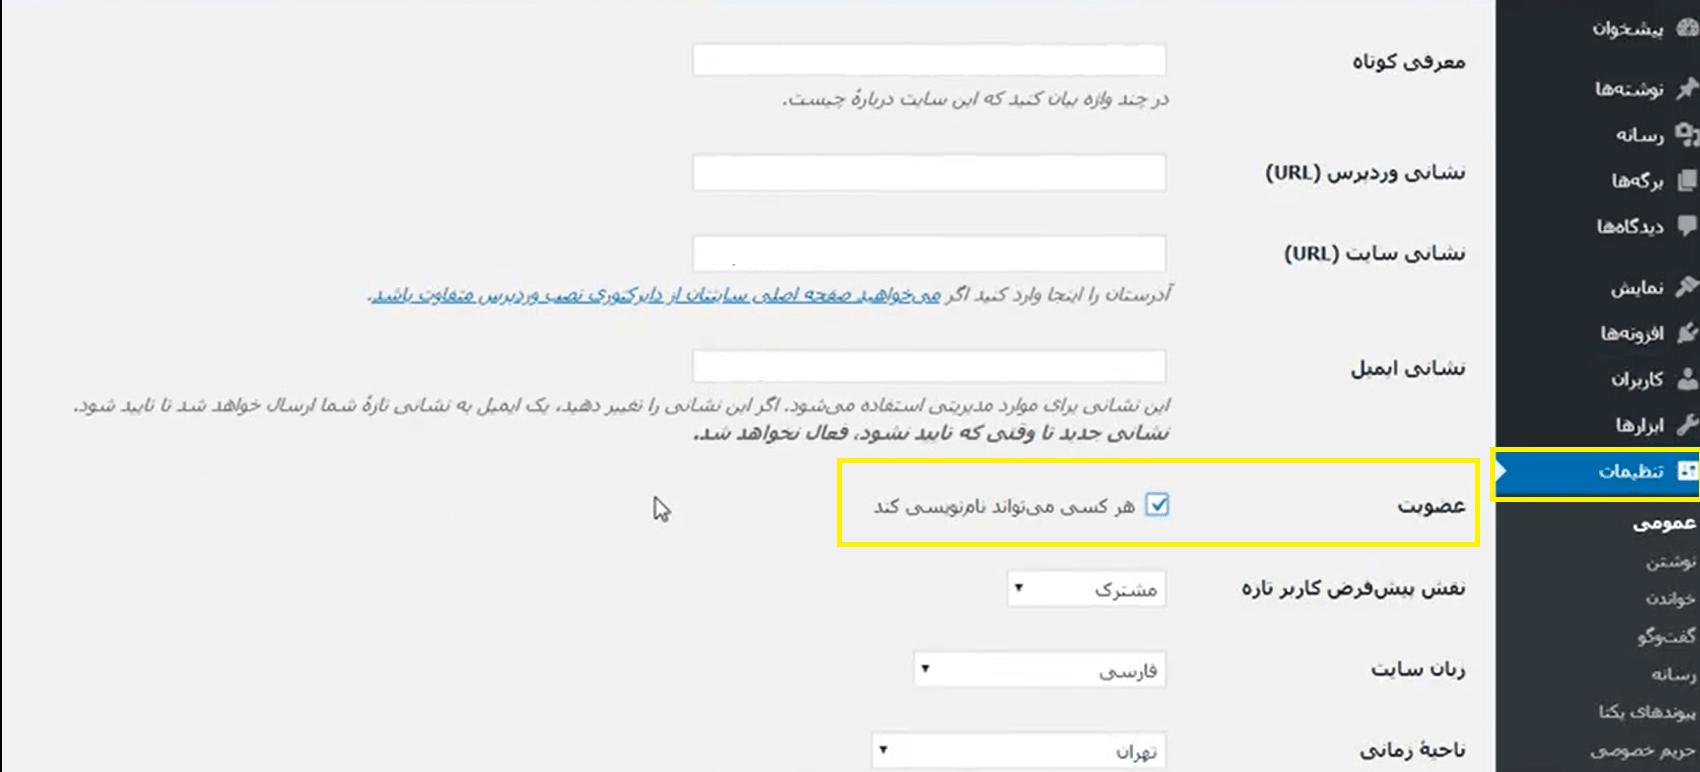 تعیین عضورت کاربر جدید در وردپرس